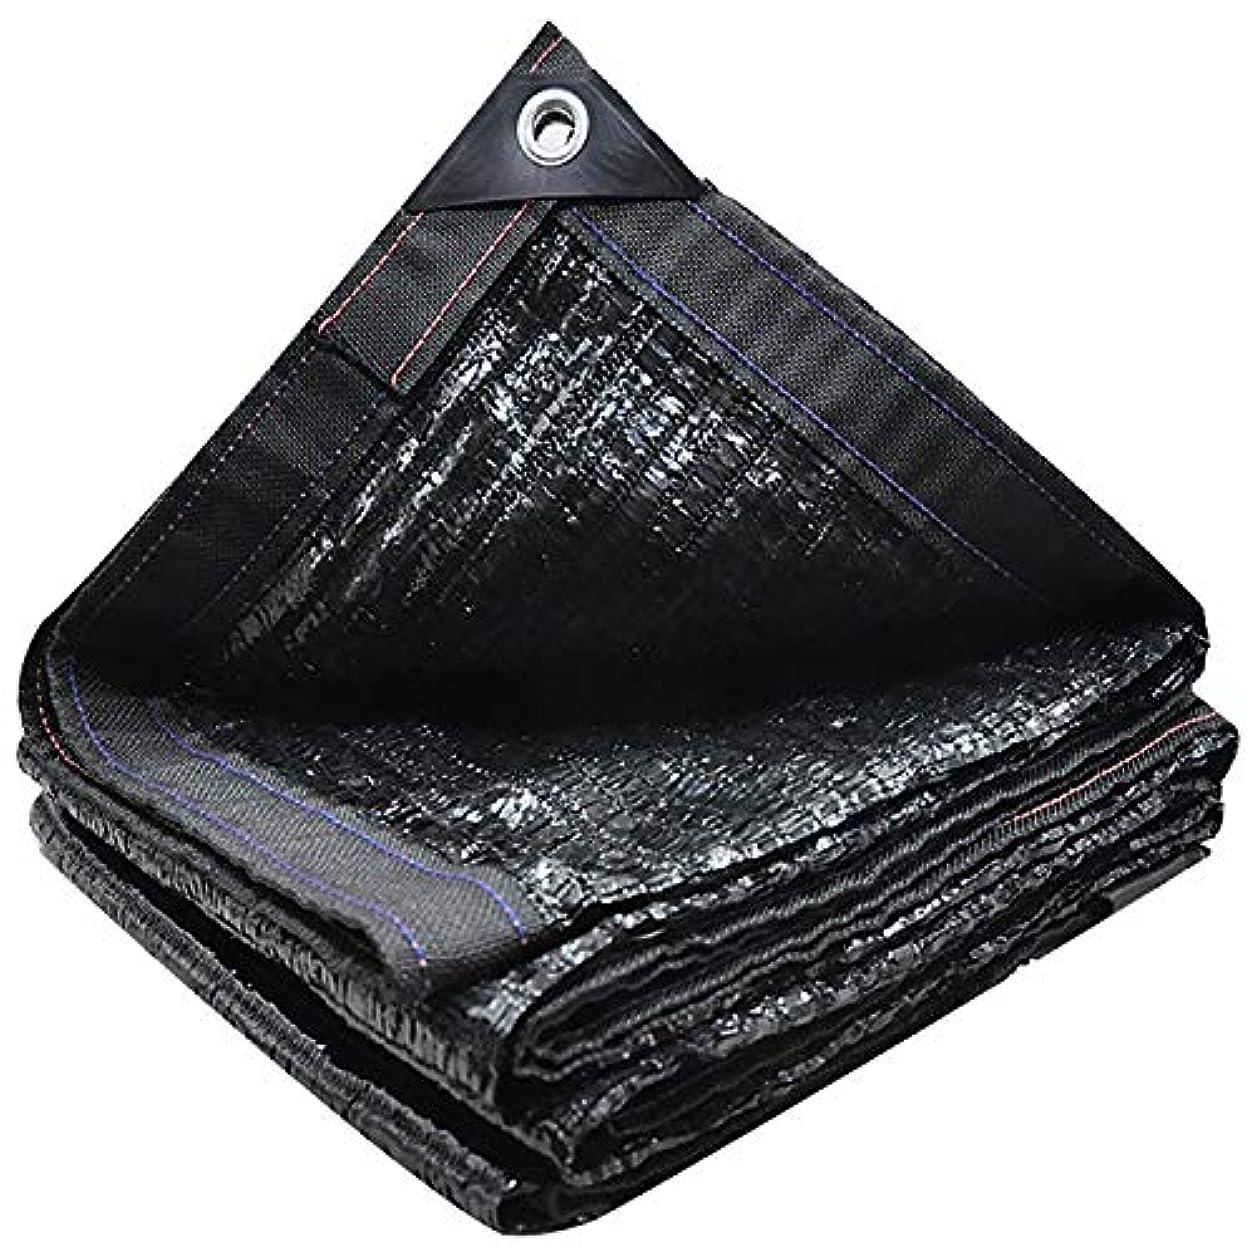 視線章拾うサンシェード?シェルター グロメット、庭のテラスのための日焼け止めブロックの生地の日曜日の網が付いている95%の日焼け止めの陰の布の網の網の陰 (Color : Black, Size : 19.8x19.8ft/6x6m)